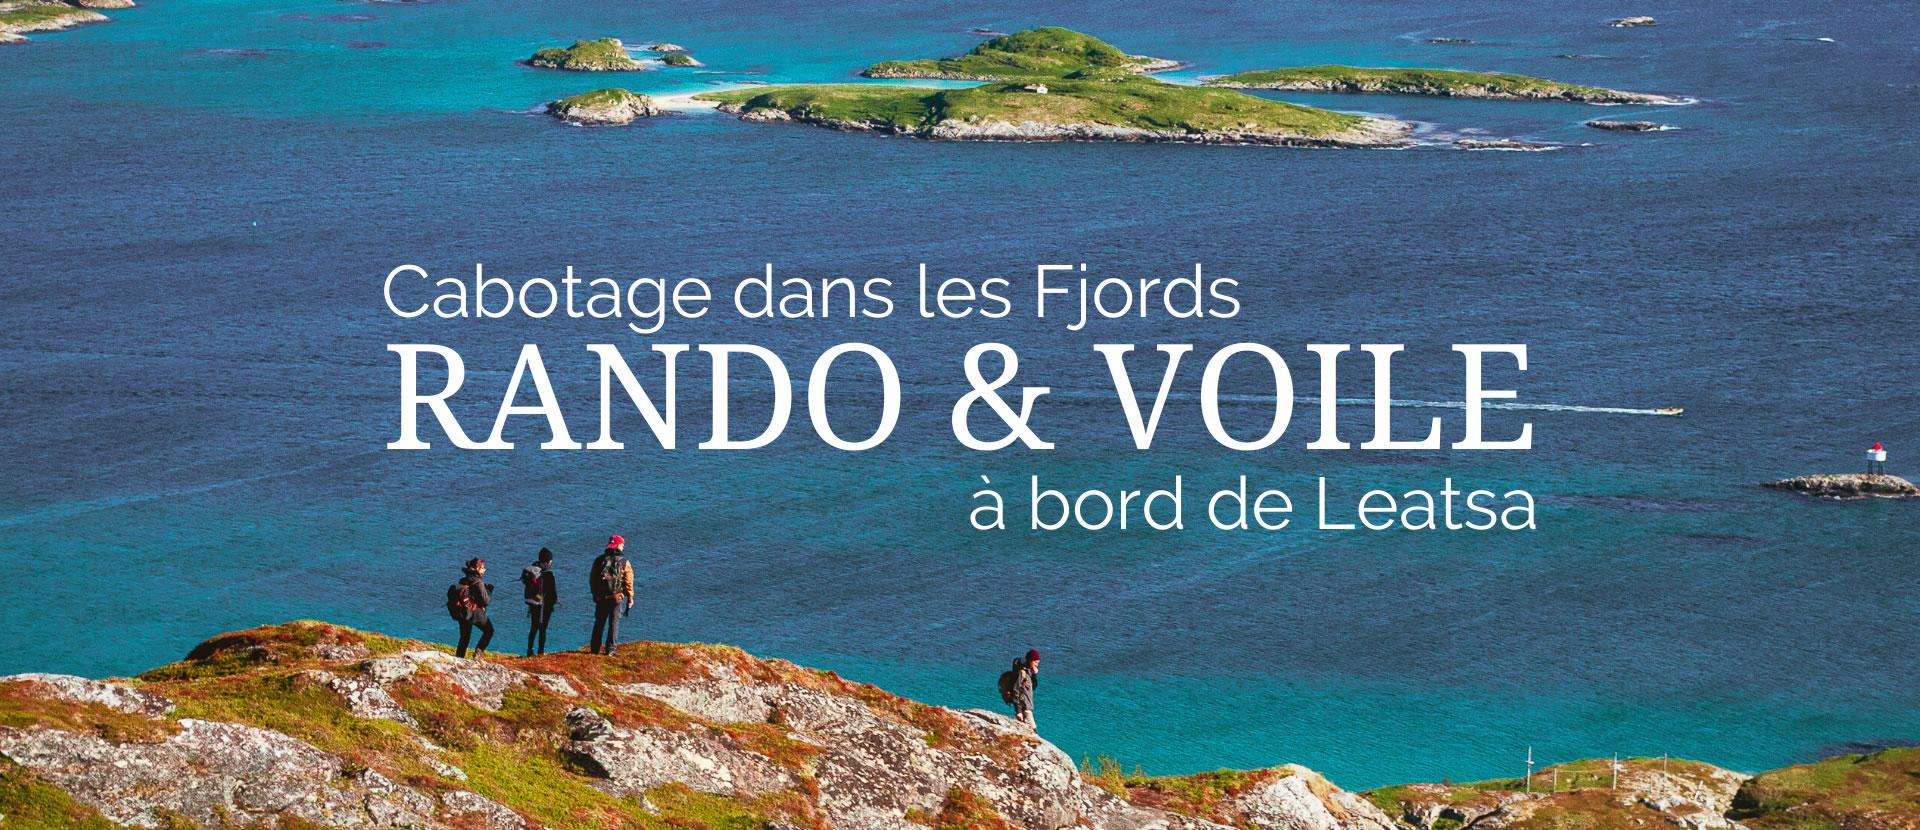 Rando&Voile2020-01